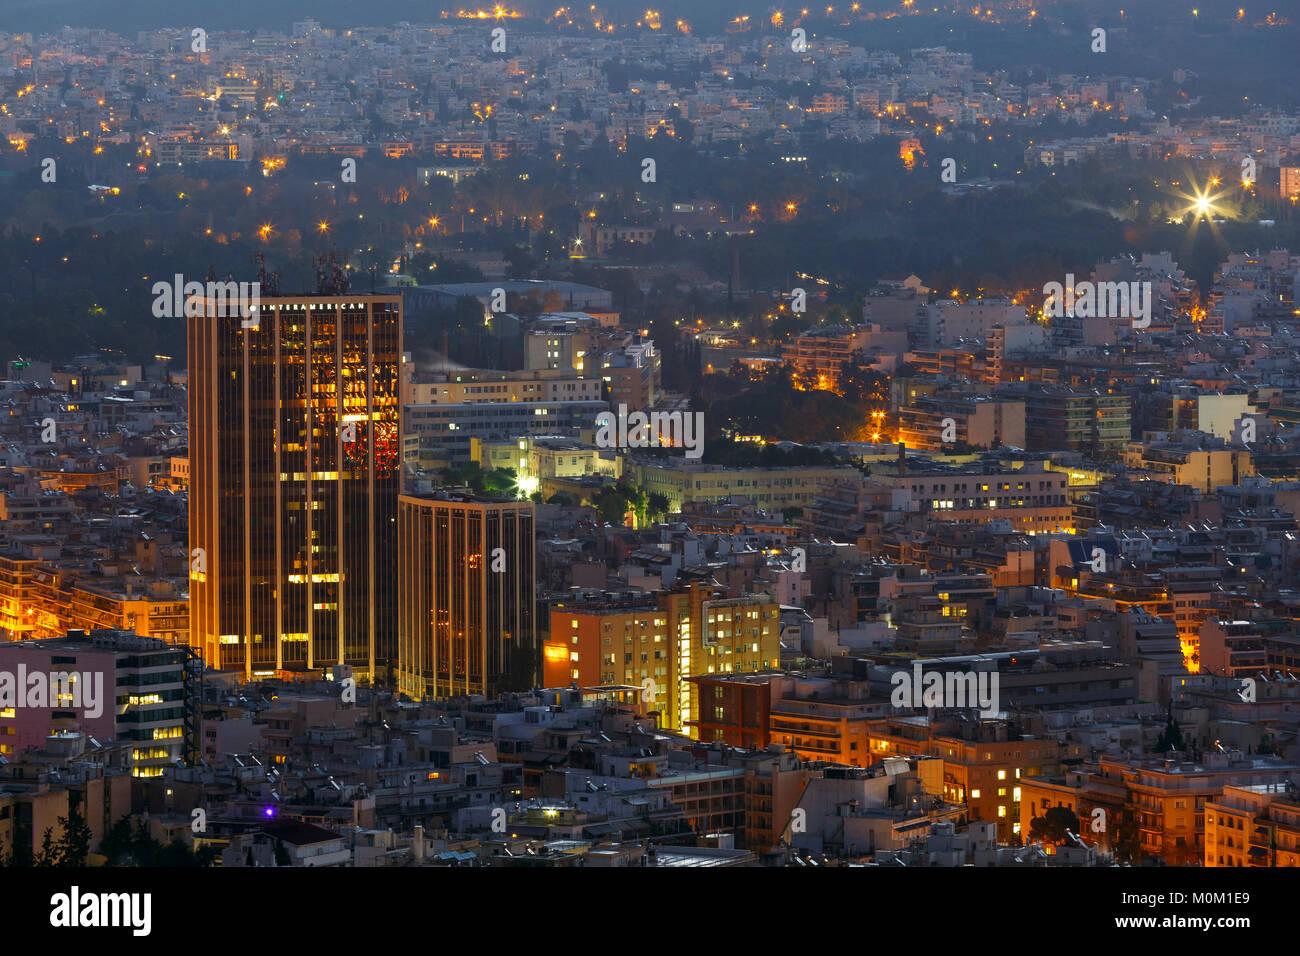 Vista de Atenas desde la colina de Lycabettus, en horas de la madrugada, Grecia. Imagen De Stock